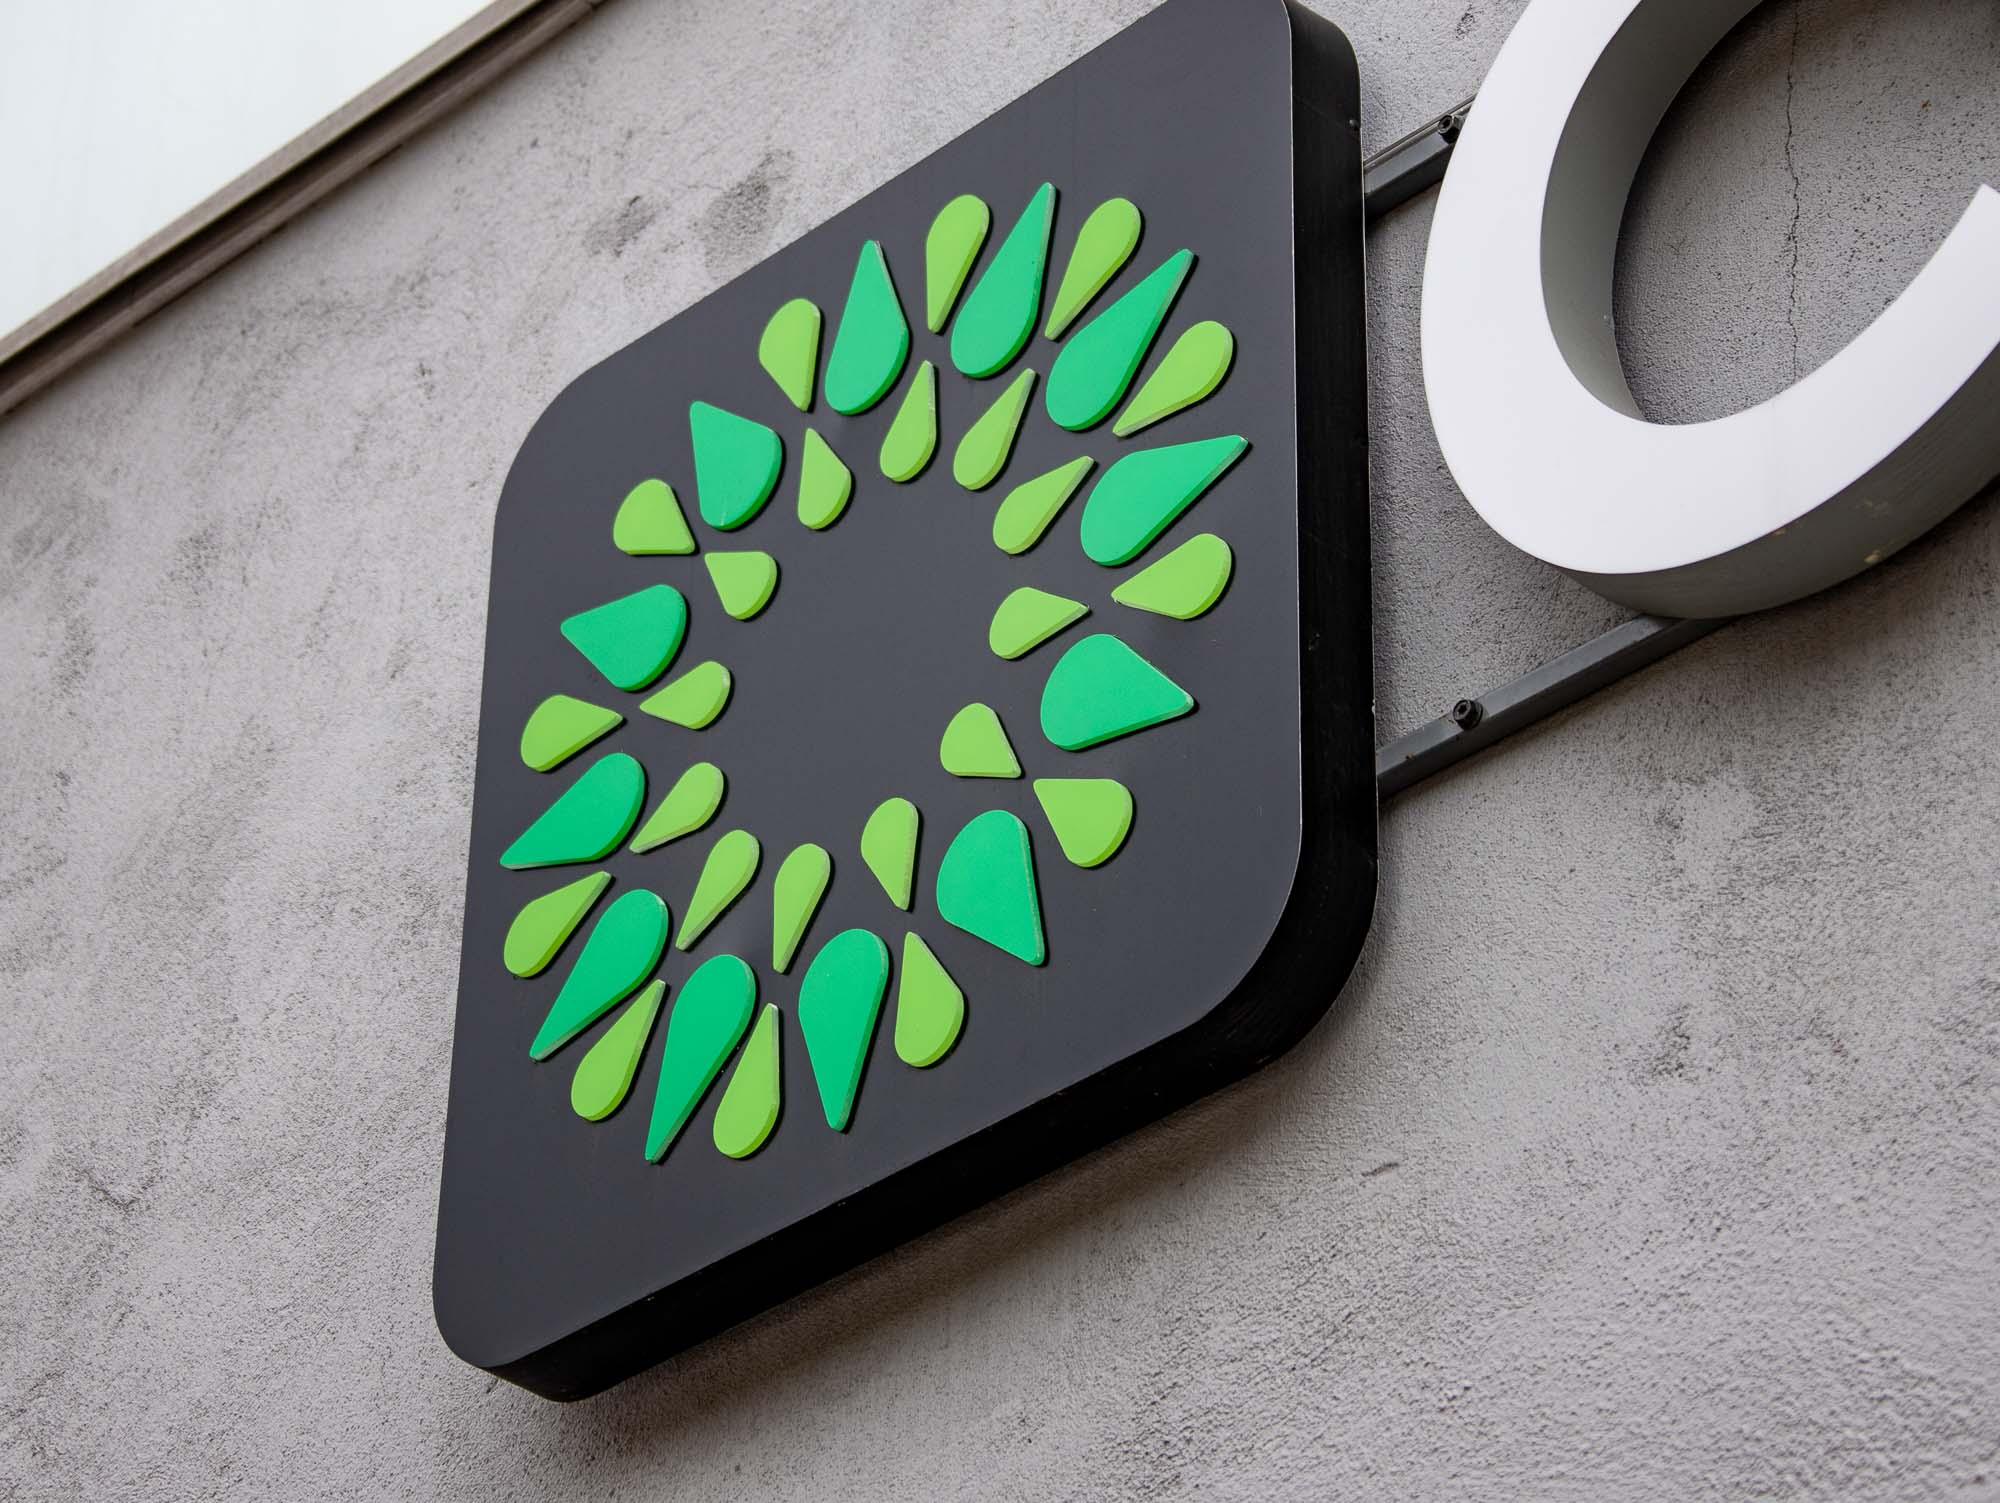 Логотип и фирменный стиль для супермаркета Солос